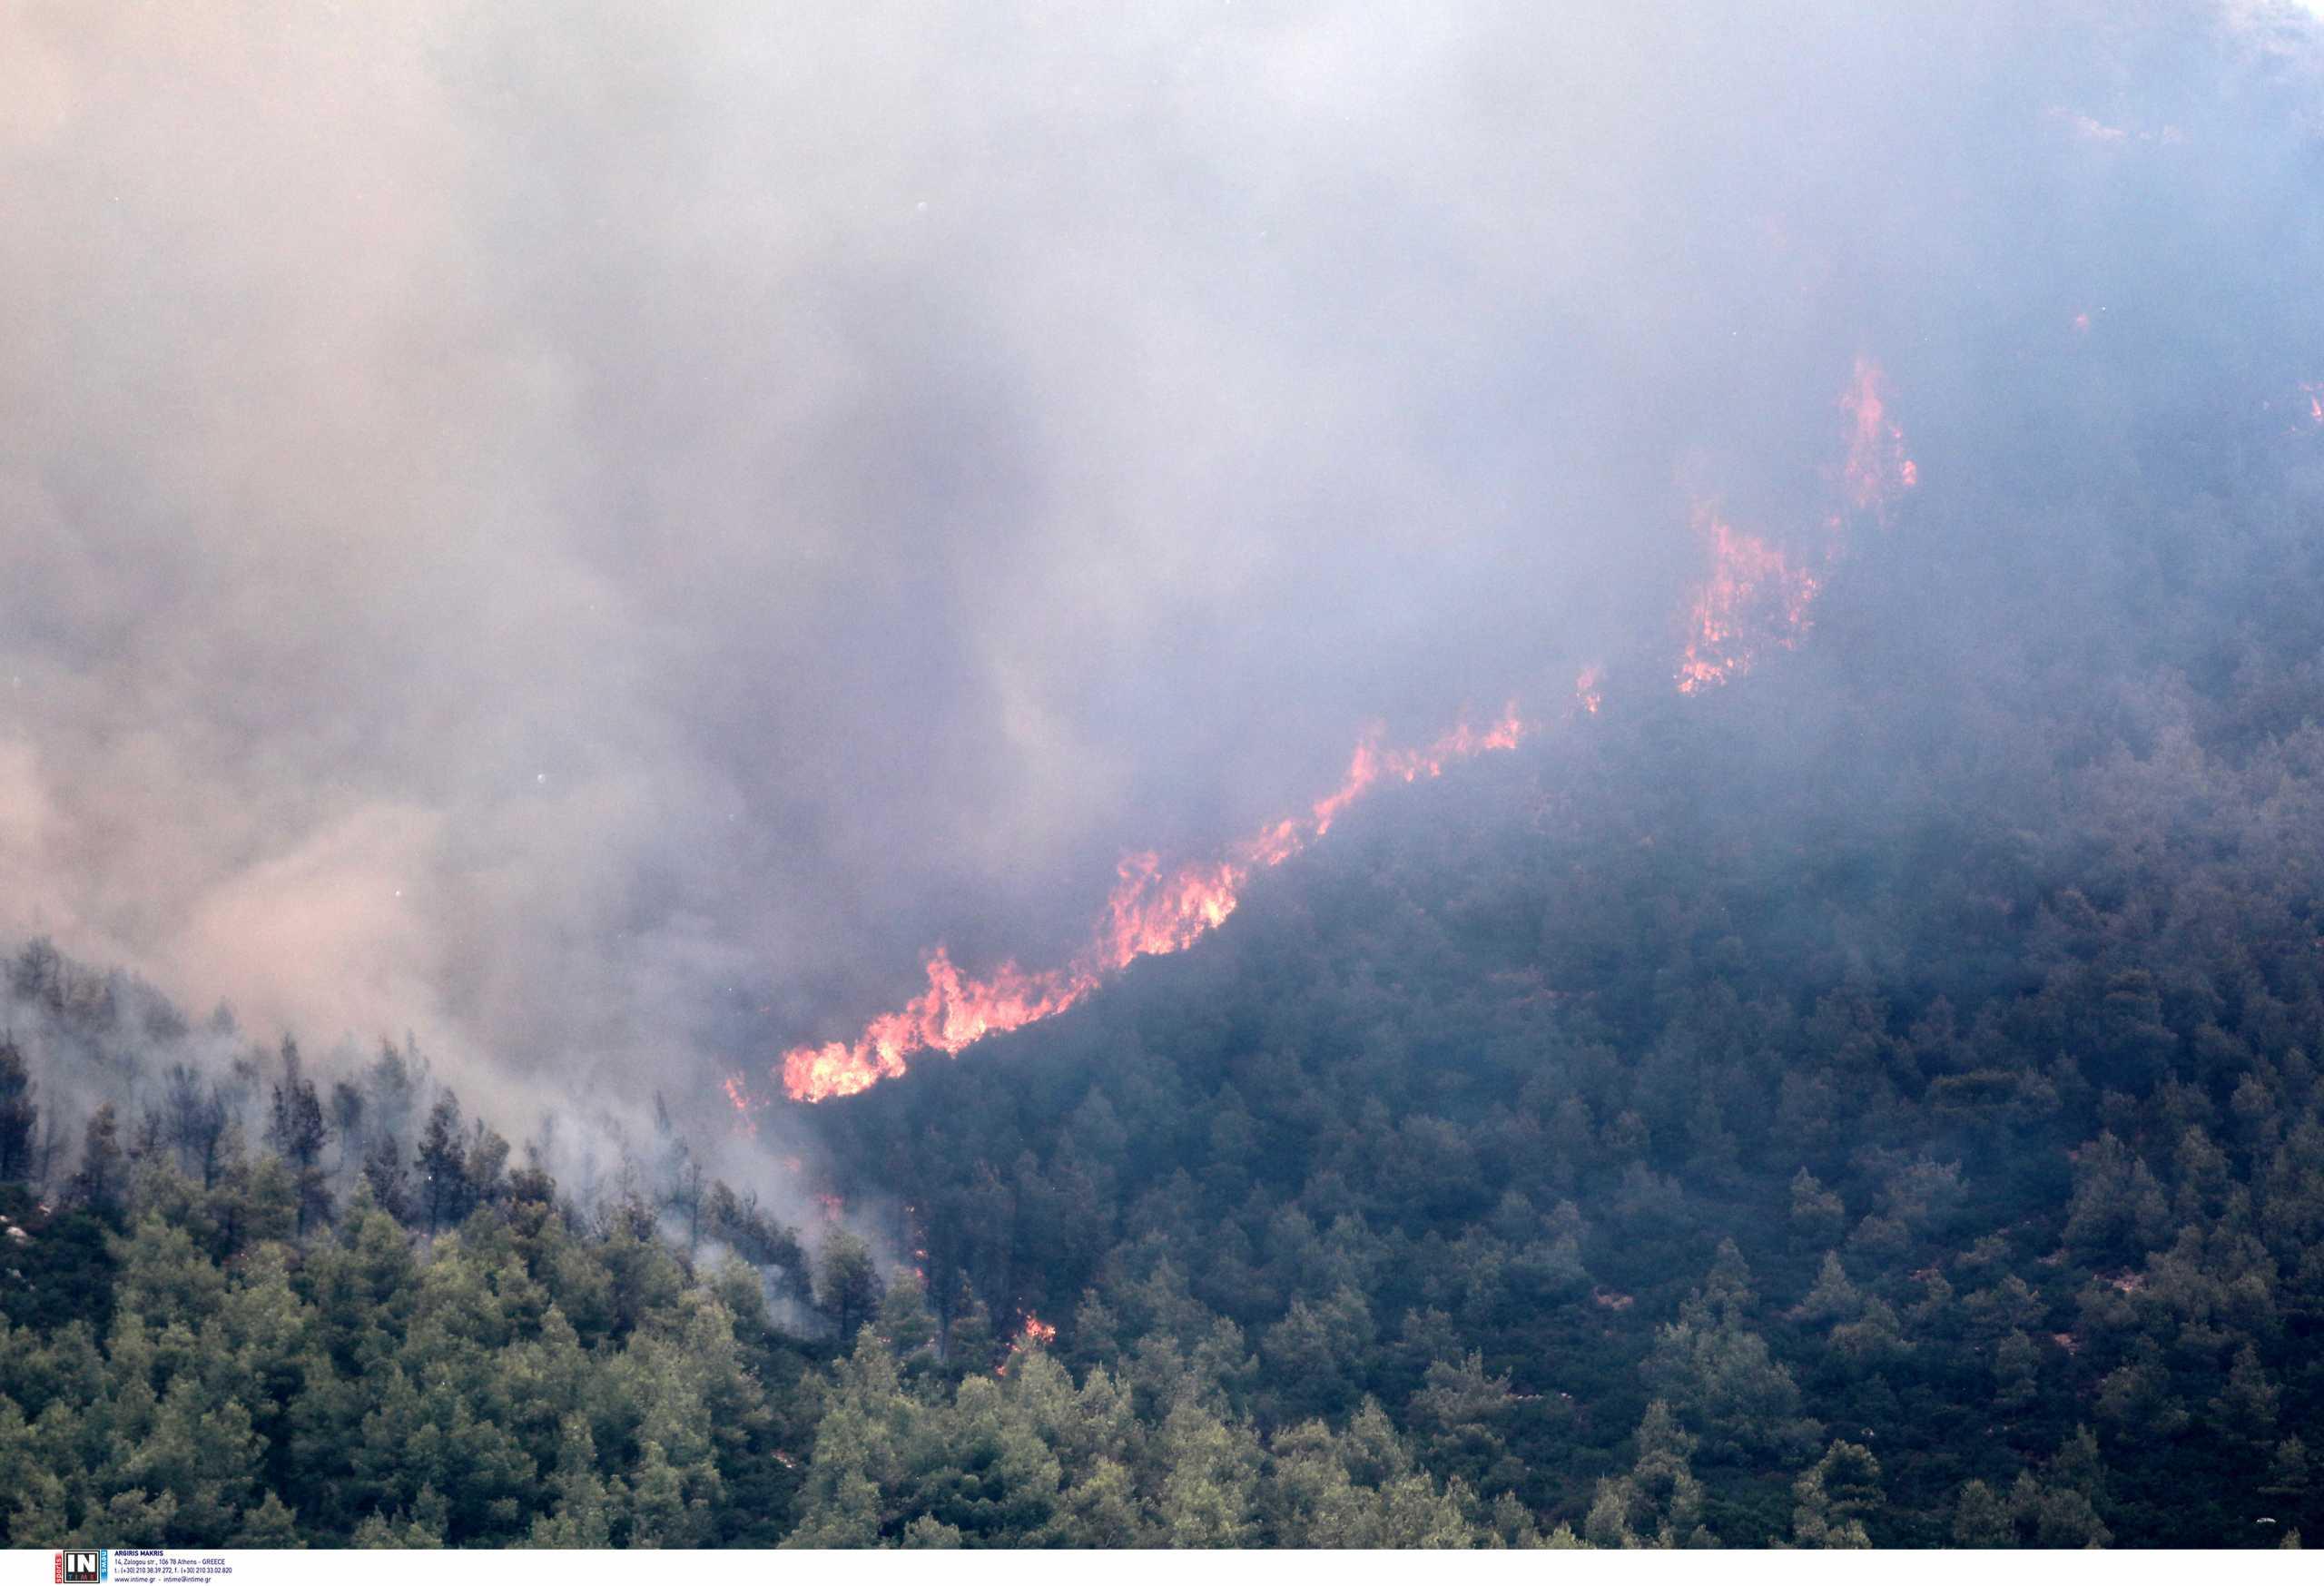 Φωτιά στα Βίλια: Τεράστιο το μέτωπο της πυρκαγιάς, μάχη να μη φτάσει στην Οινόη